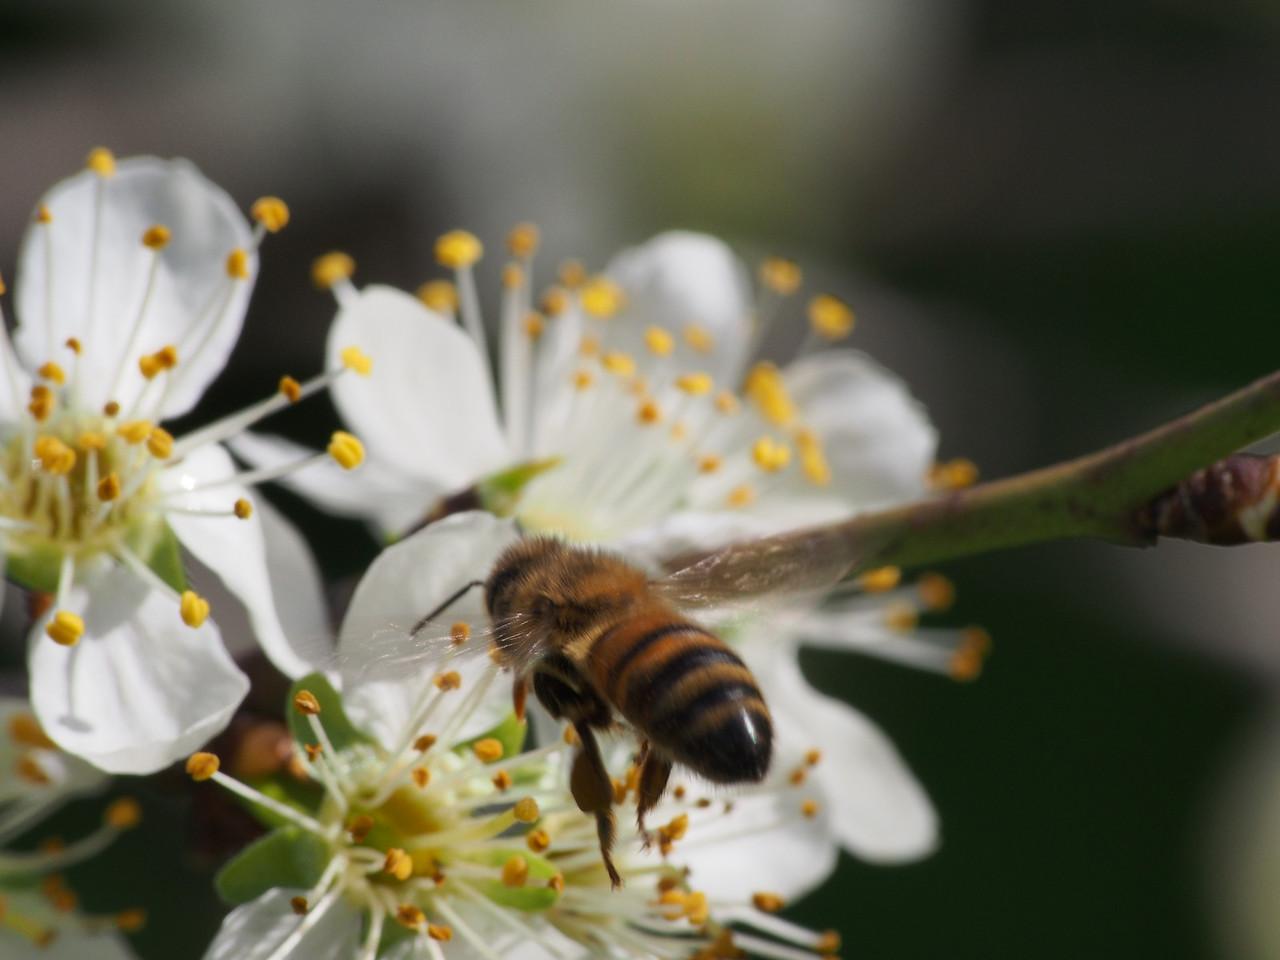 20130912_1353_2686 plum blossom bee